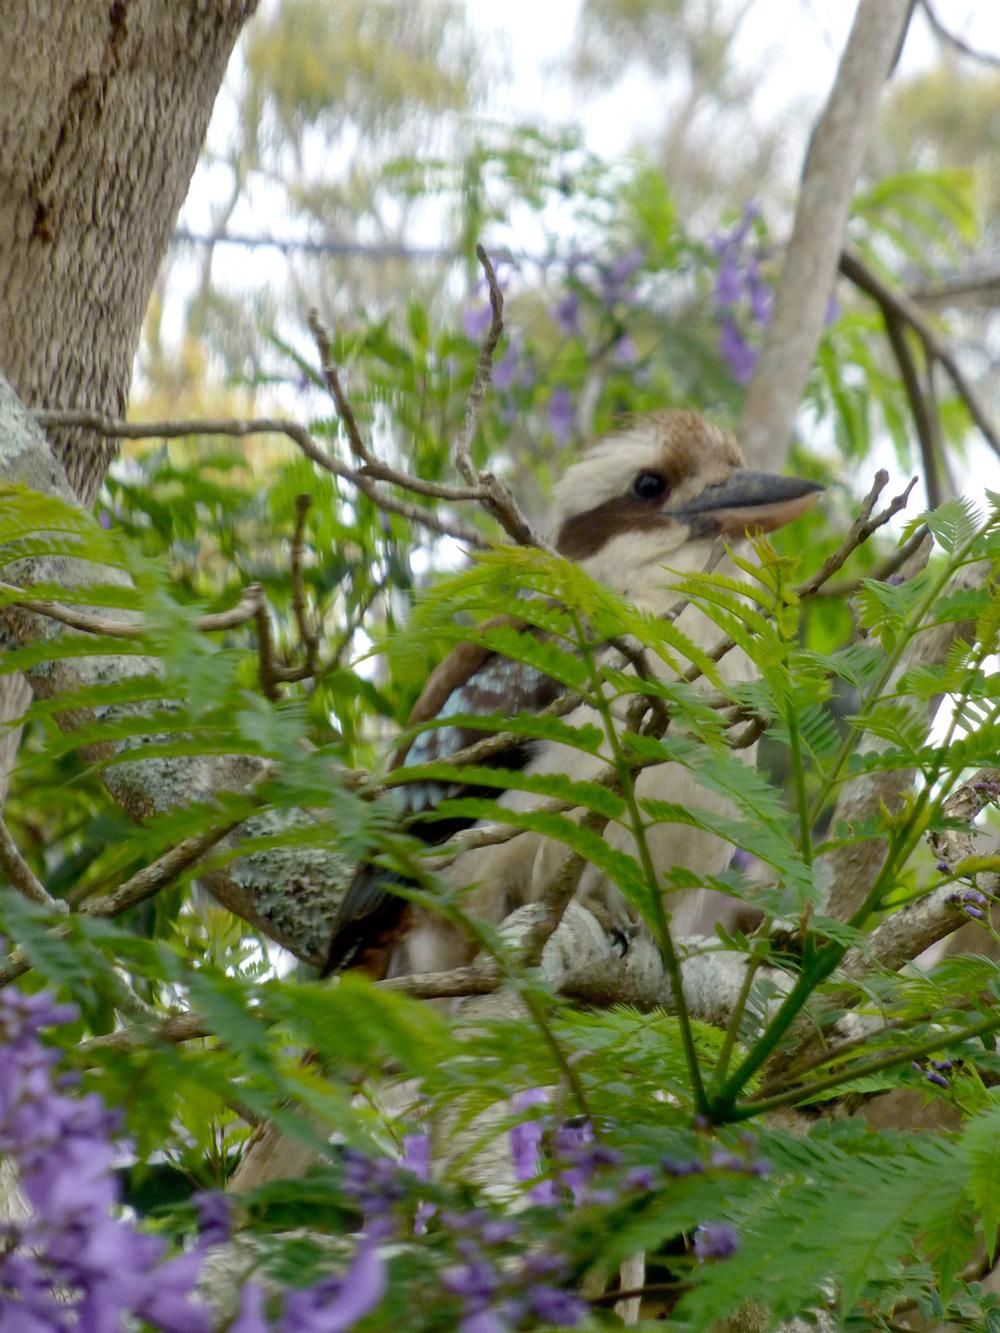 A visiting Kookaburra